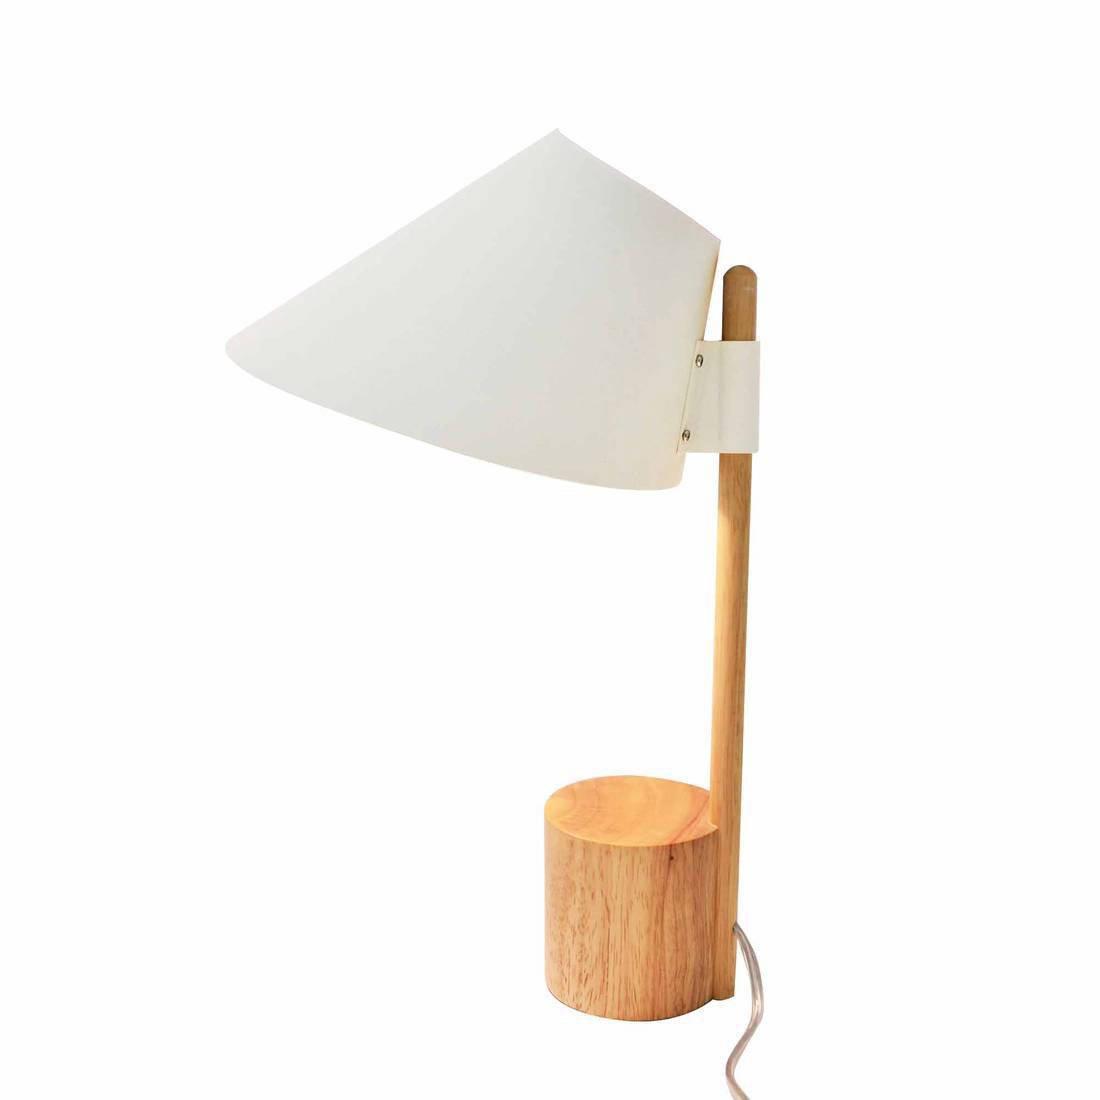 Lampe, design, bois blanc et bois, LO EDITIONS Capy